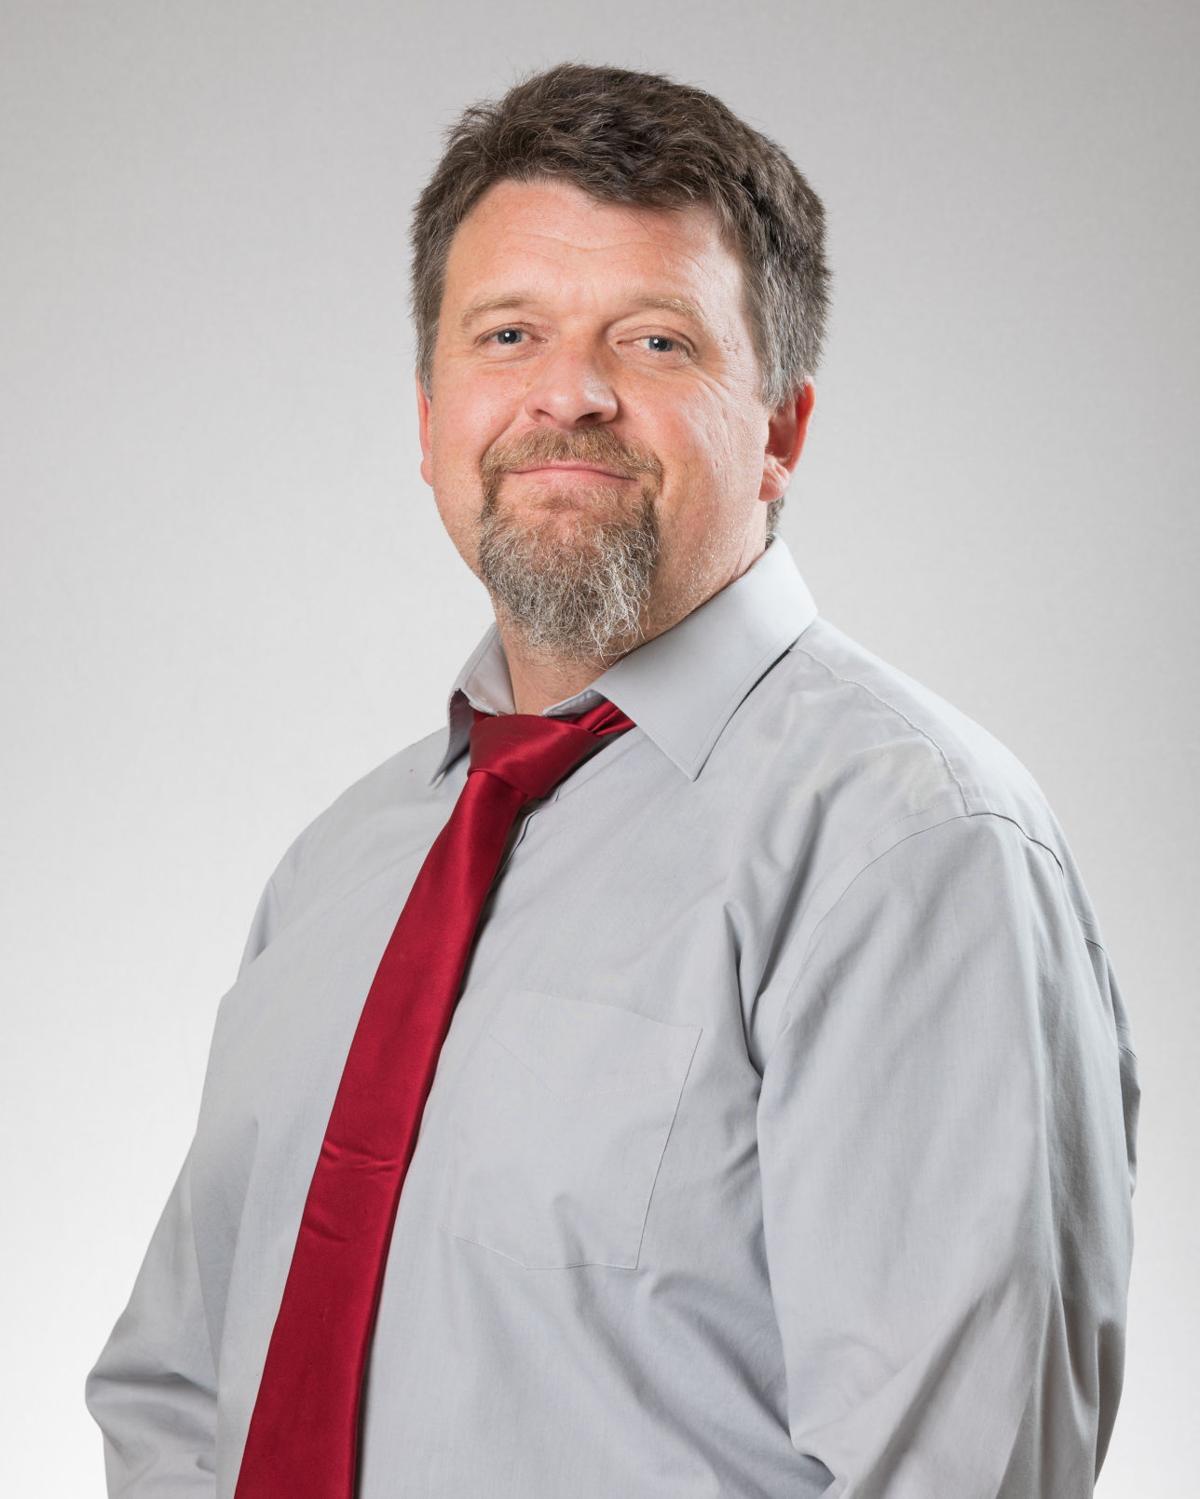 Rep. Greg DeVries